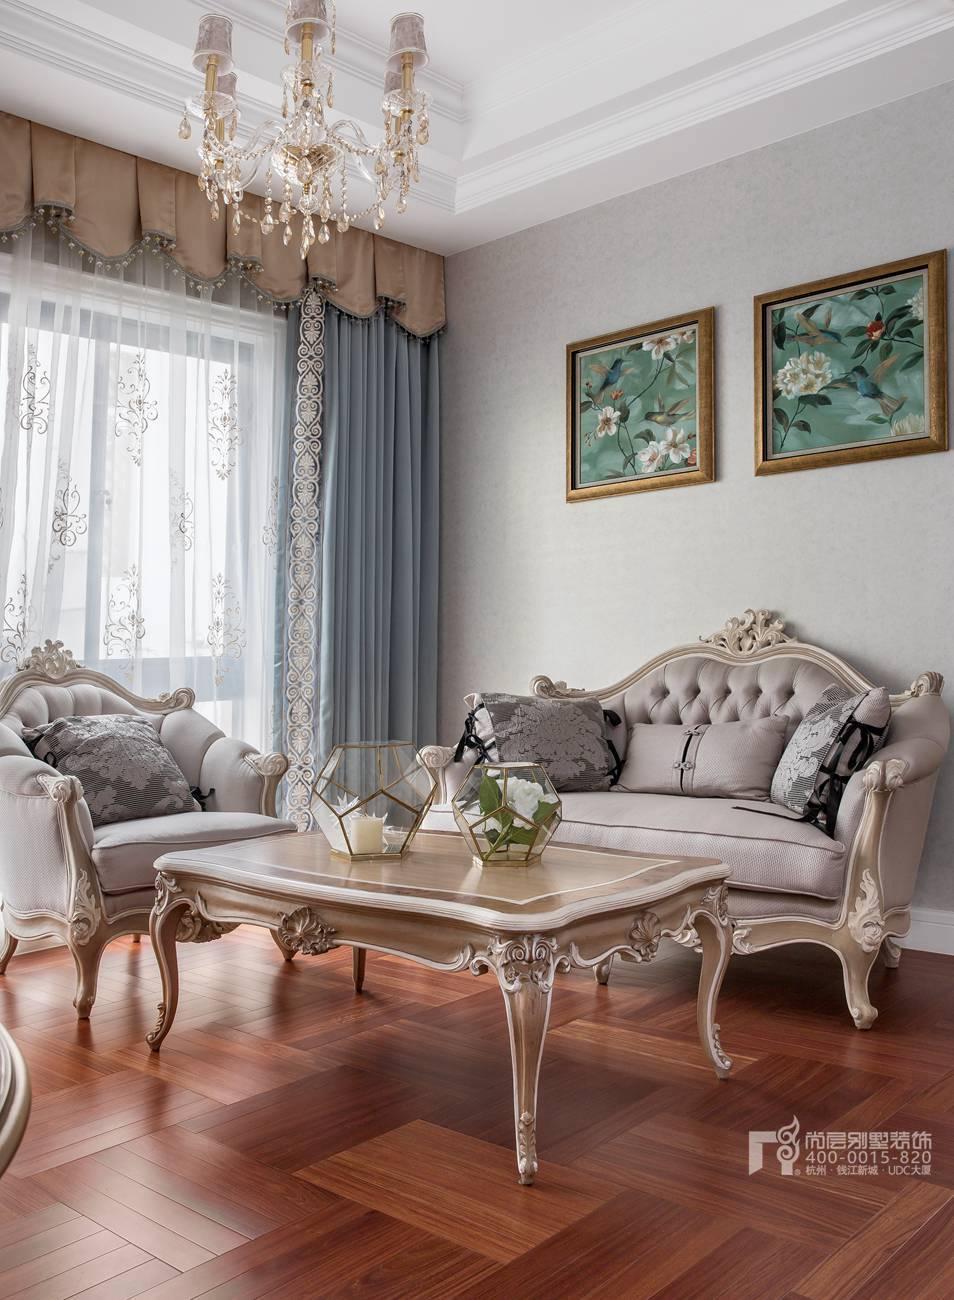 休闲室现代法式风格别墅装修实景图